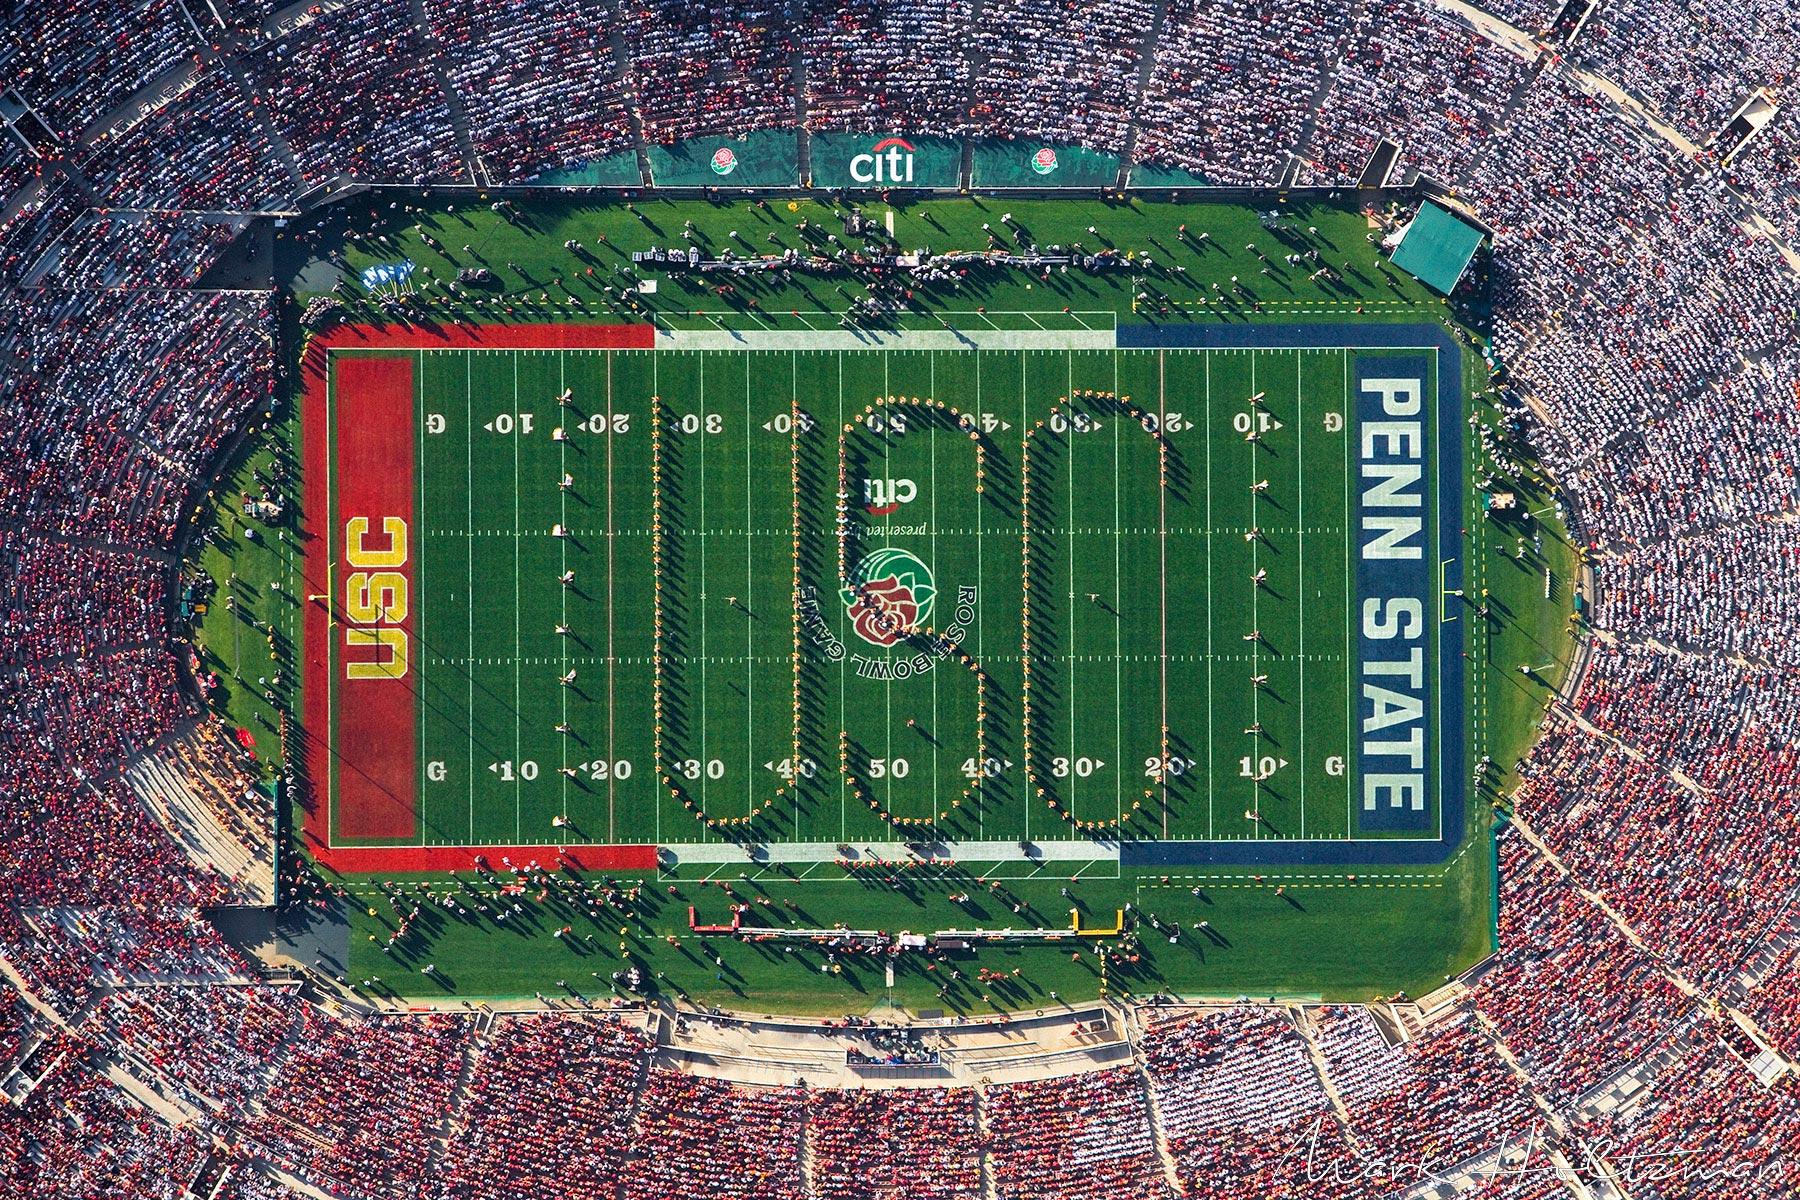 Pasadena Rose Bowl USC Marching Band